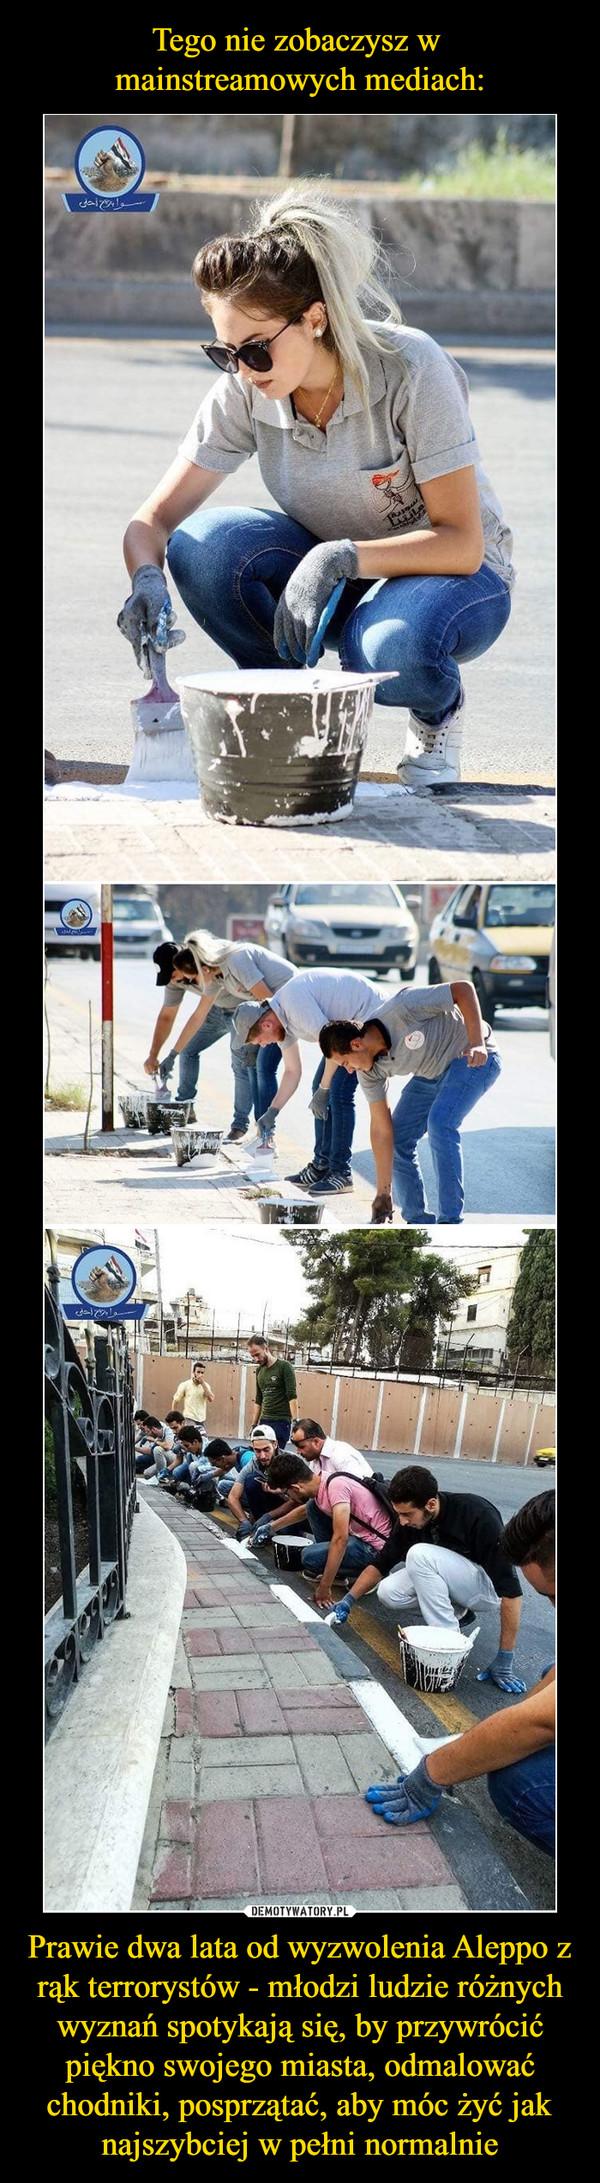 Prawie dwa lata od wyzwolenia Aleppo z rąk terrorystów - młodzi ludzie różnych wyznań spotykają się, by przywrócić piękno swojego miasta, odmalować chodniki, posprzątać, aby móc żyć jak najszybciej w pełni normalnie –